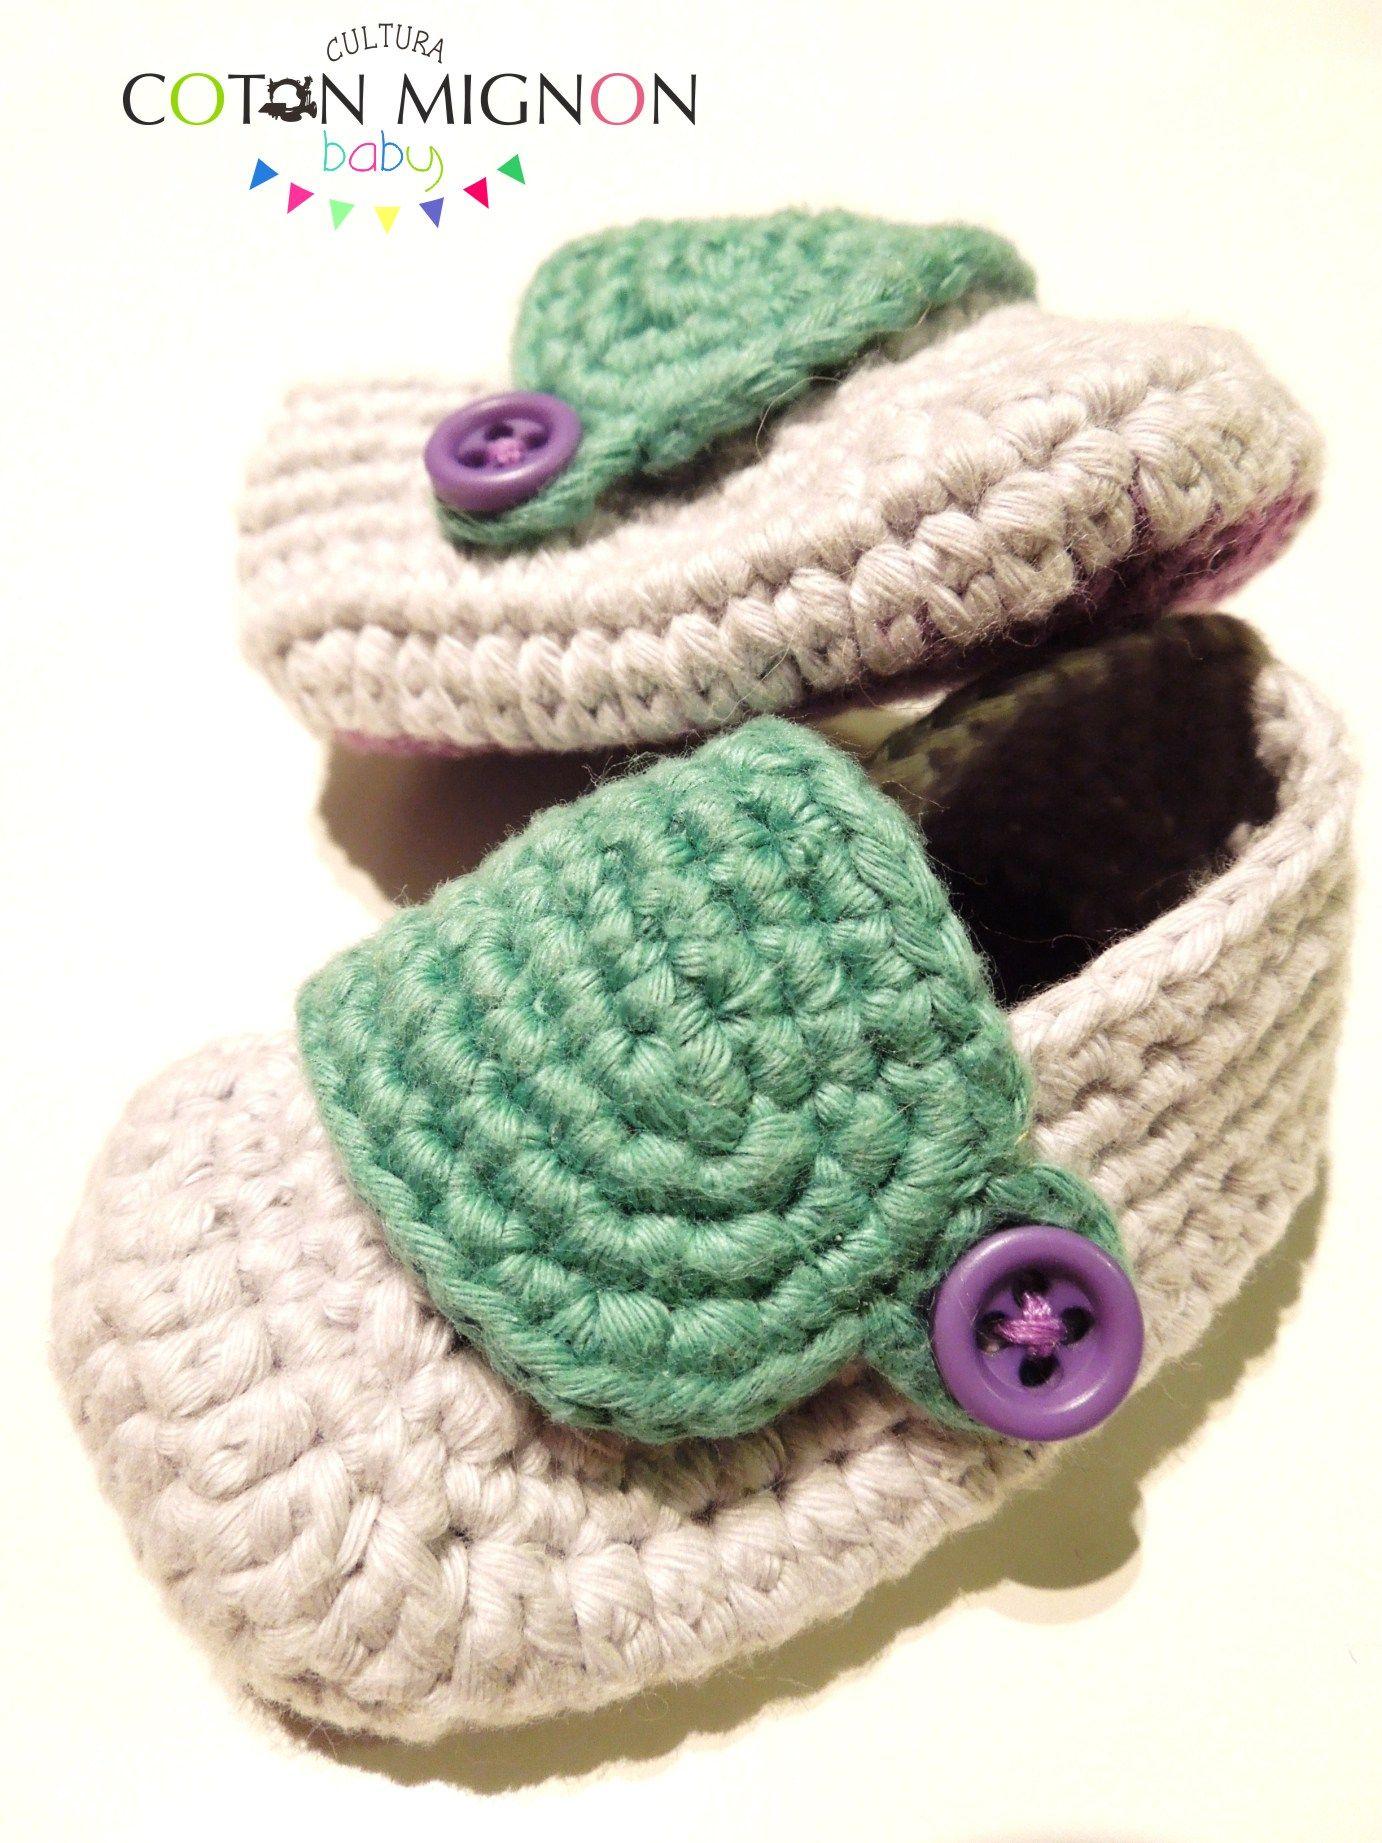 Zapatito bebé crochet culturacotonmignon baby | Crochet | Pinterest ...